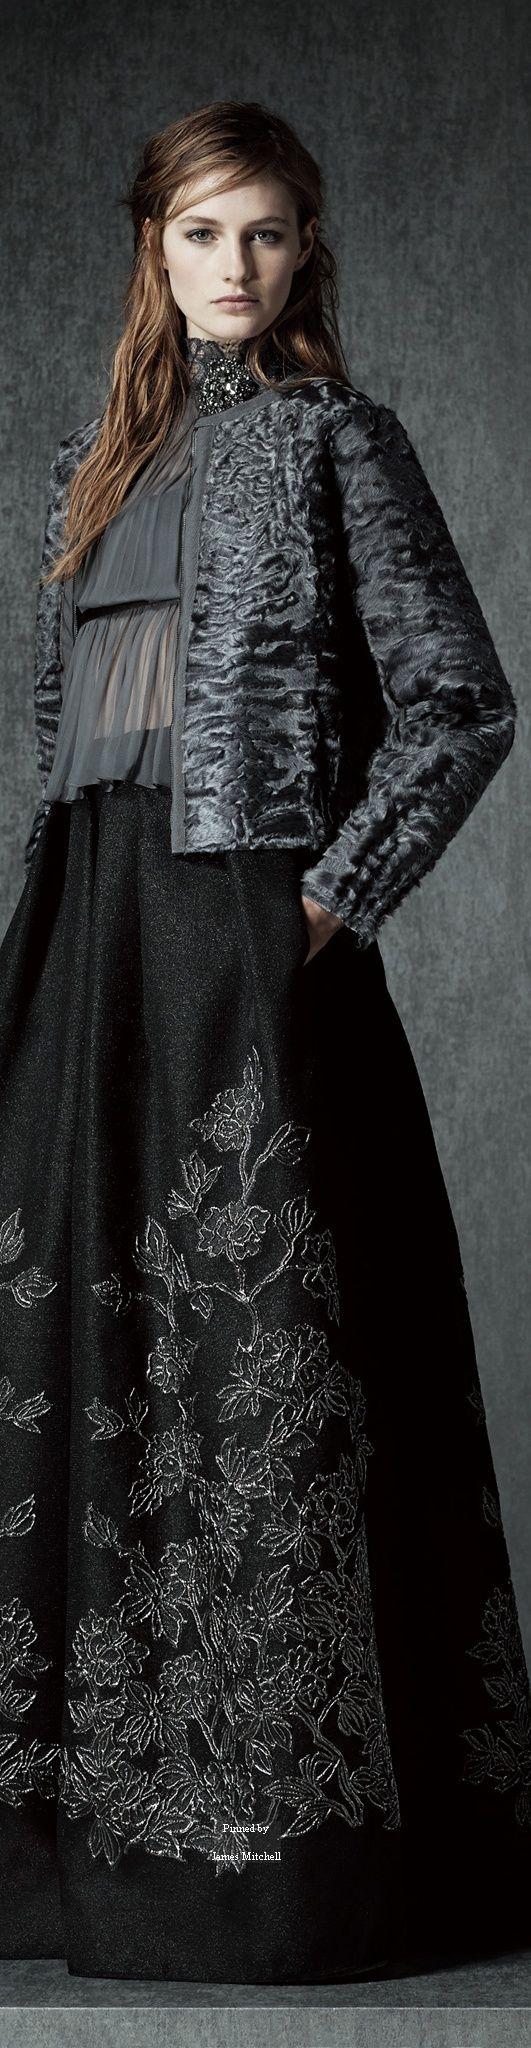 Alberta Ferretti Pre-Fall 2015 Collection...skirt